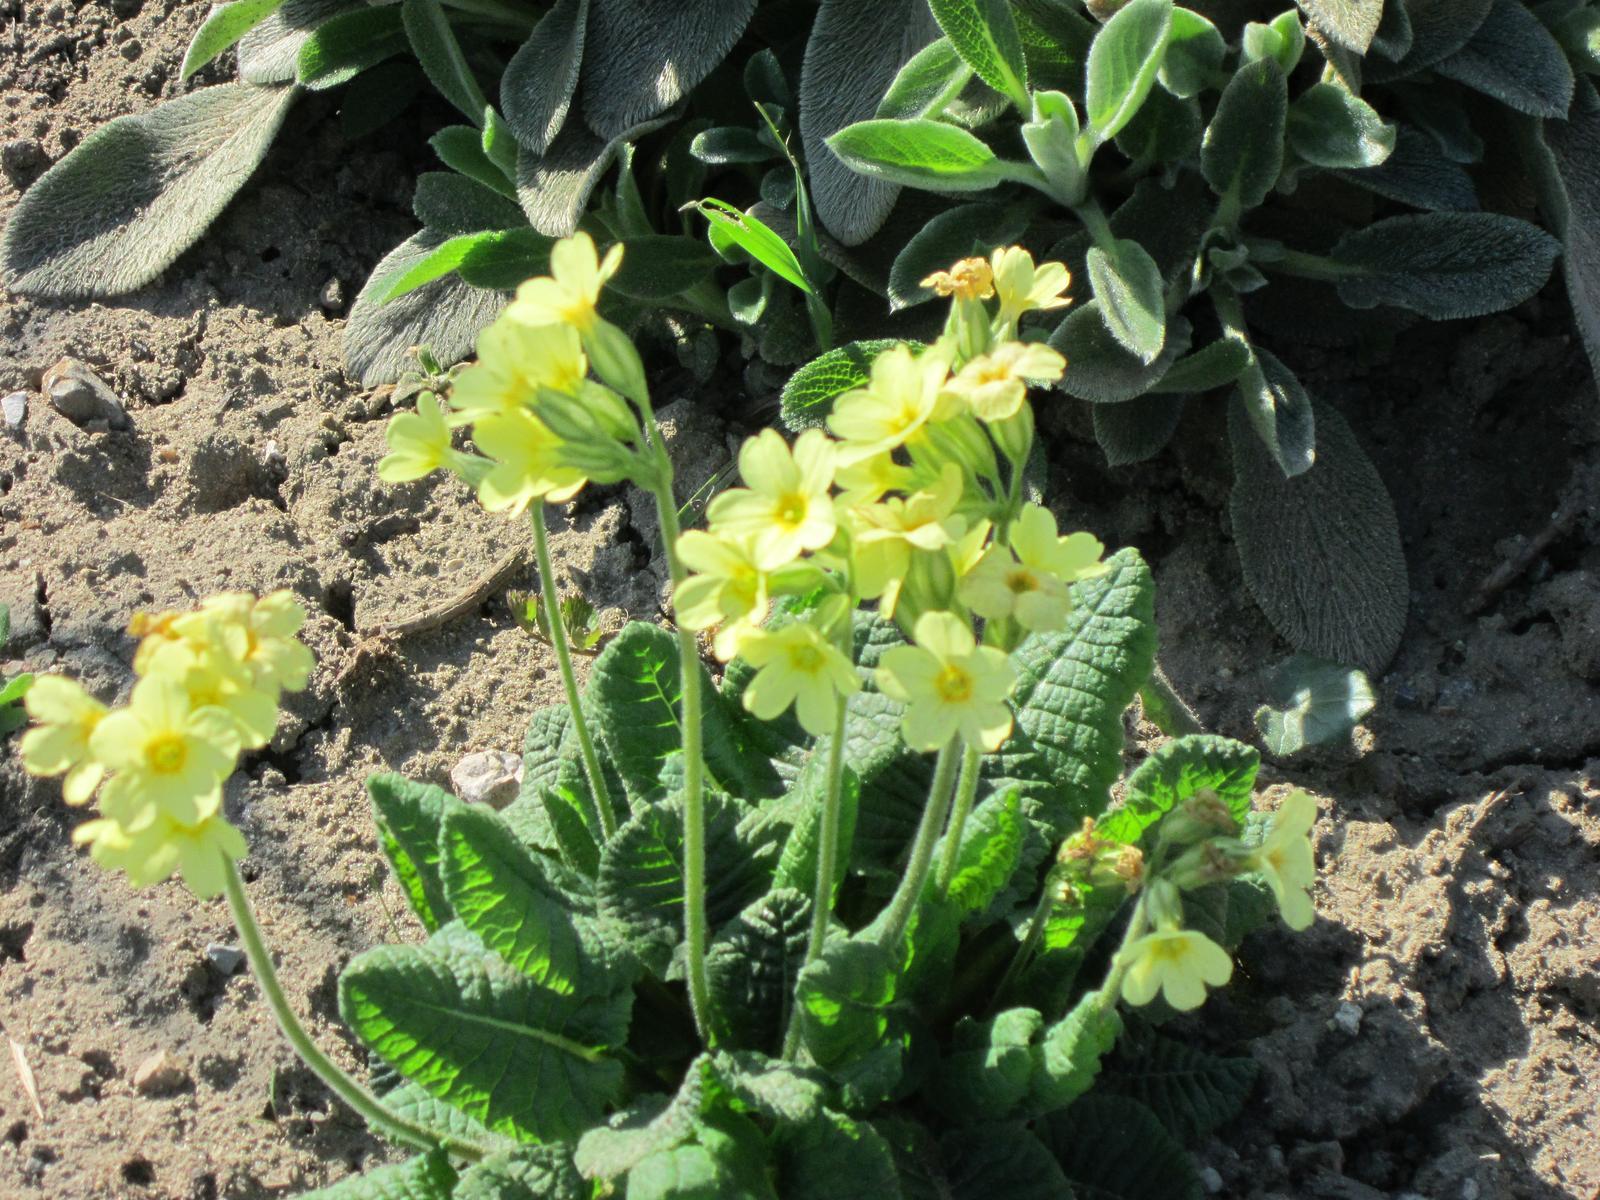 Moja záhrada...ako šiel čas - prvosienka jarná prišla za mnou do záhrady...asi preto,že milujem ich vôňu...